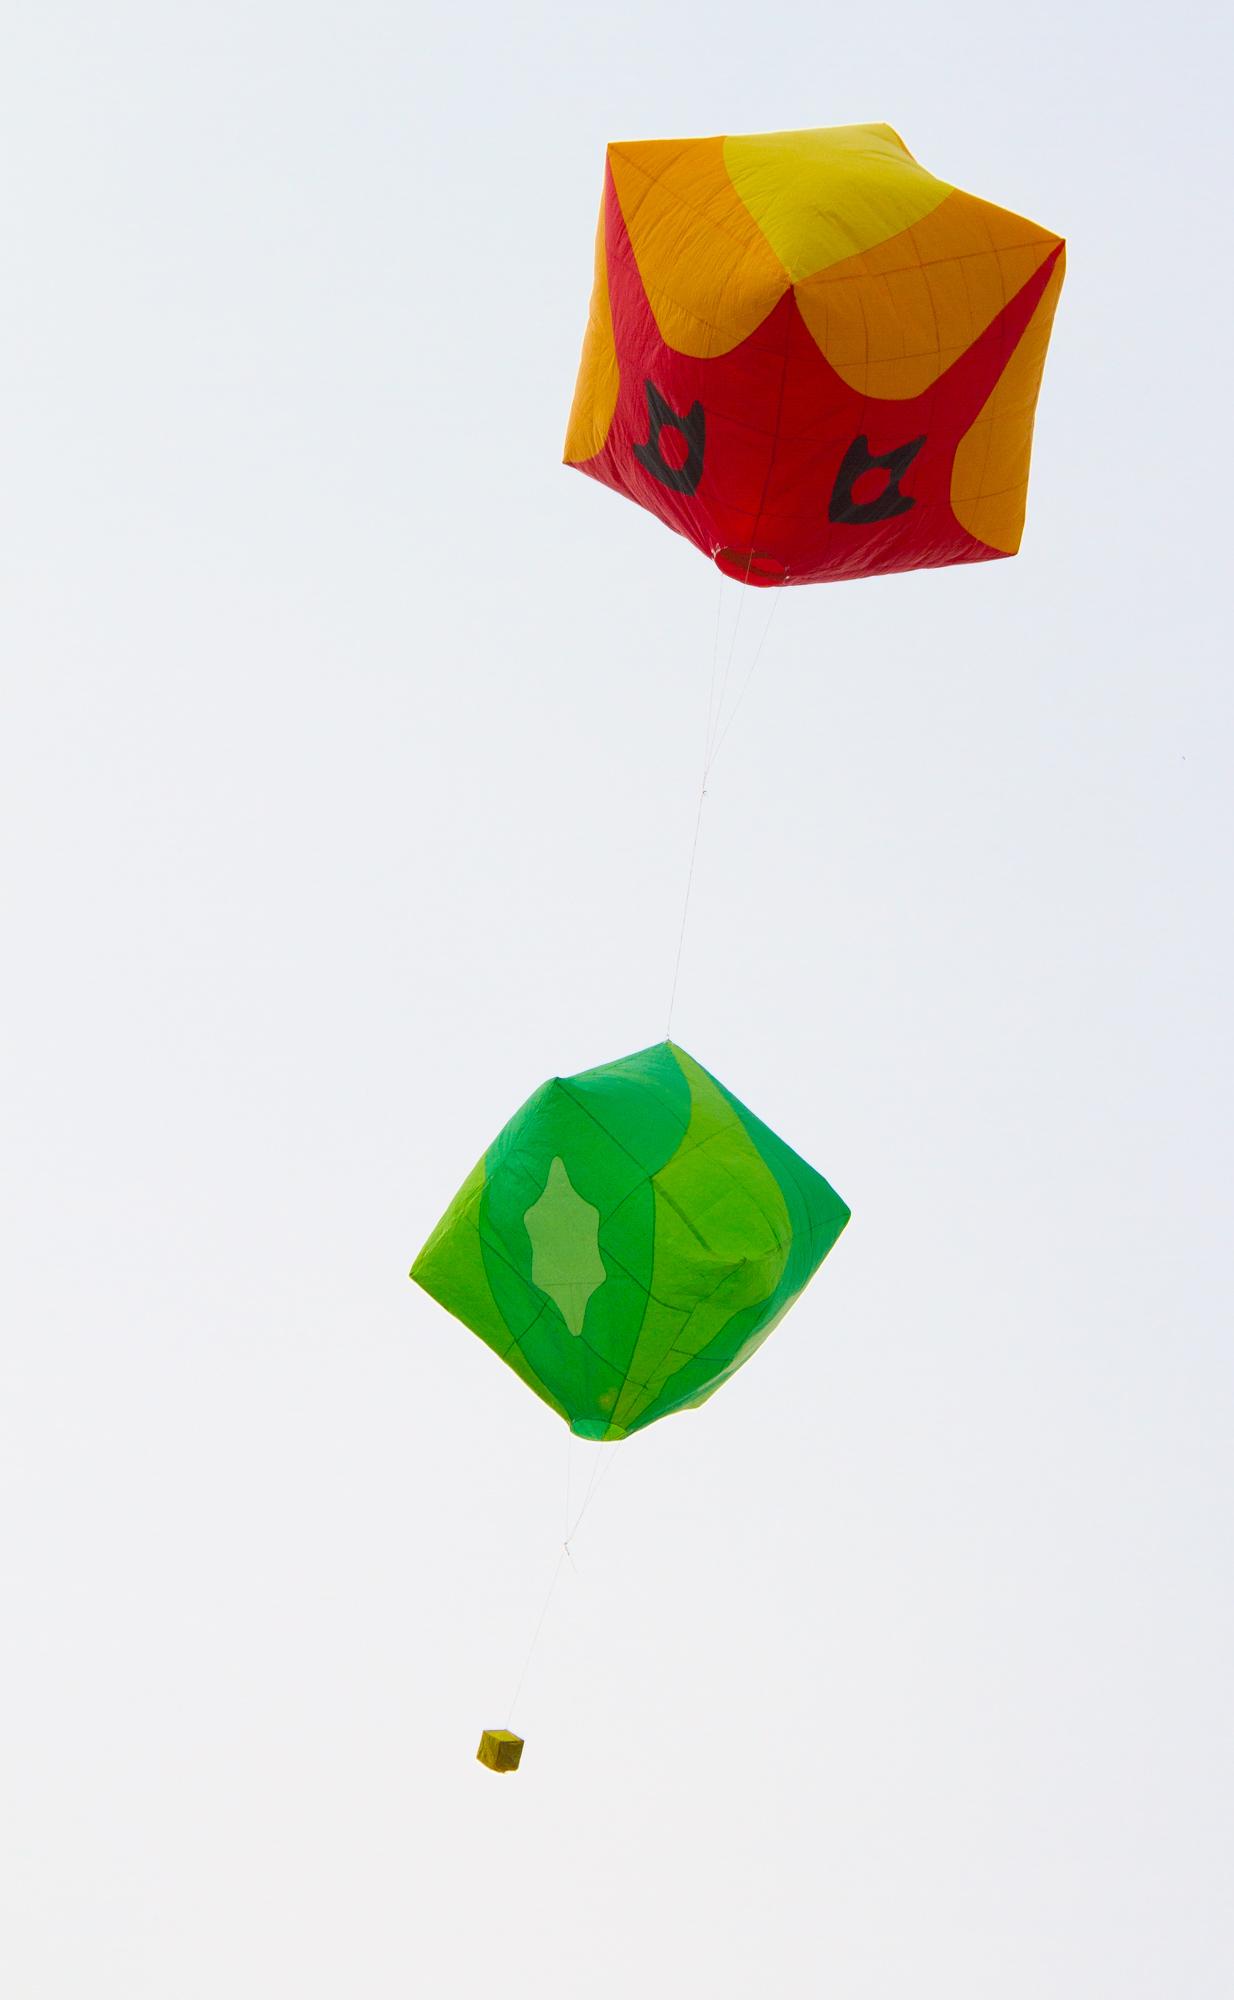 Cubes³ (Cubes, Cubed)   CantoyaFest: Pátzcuaro, Michoacán, Mexico — Sunday, July 23, 2017